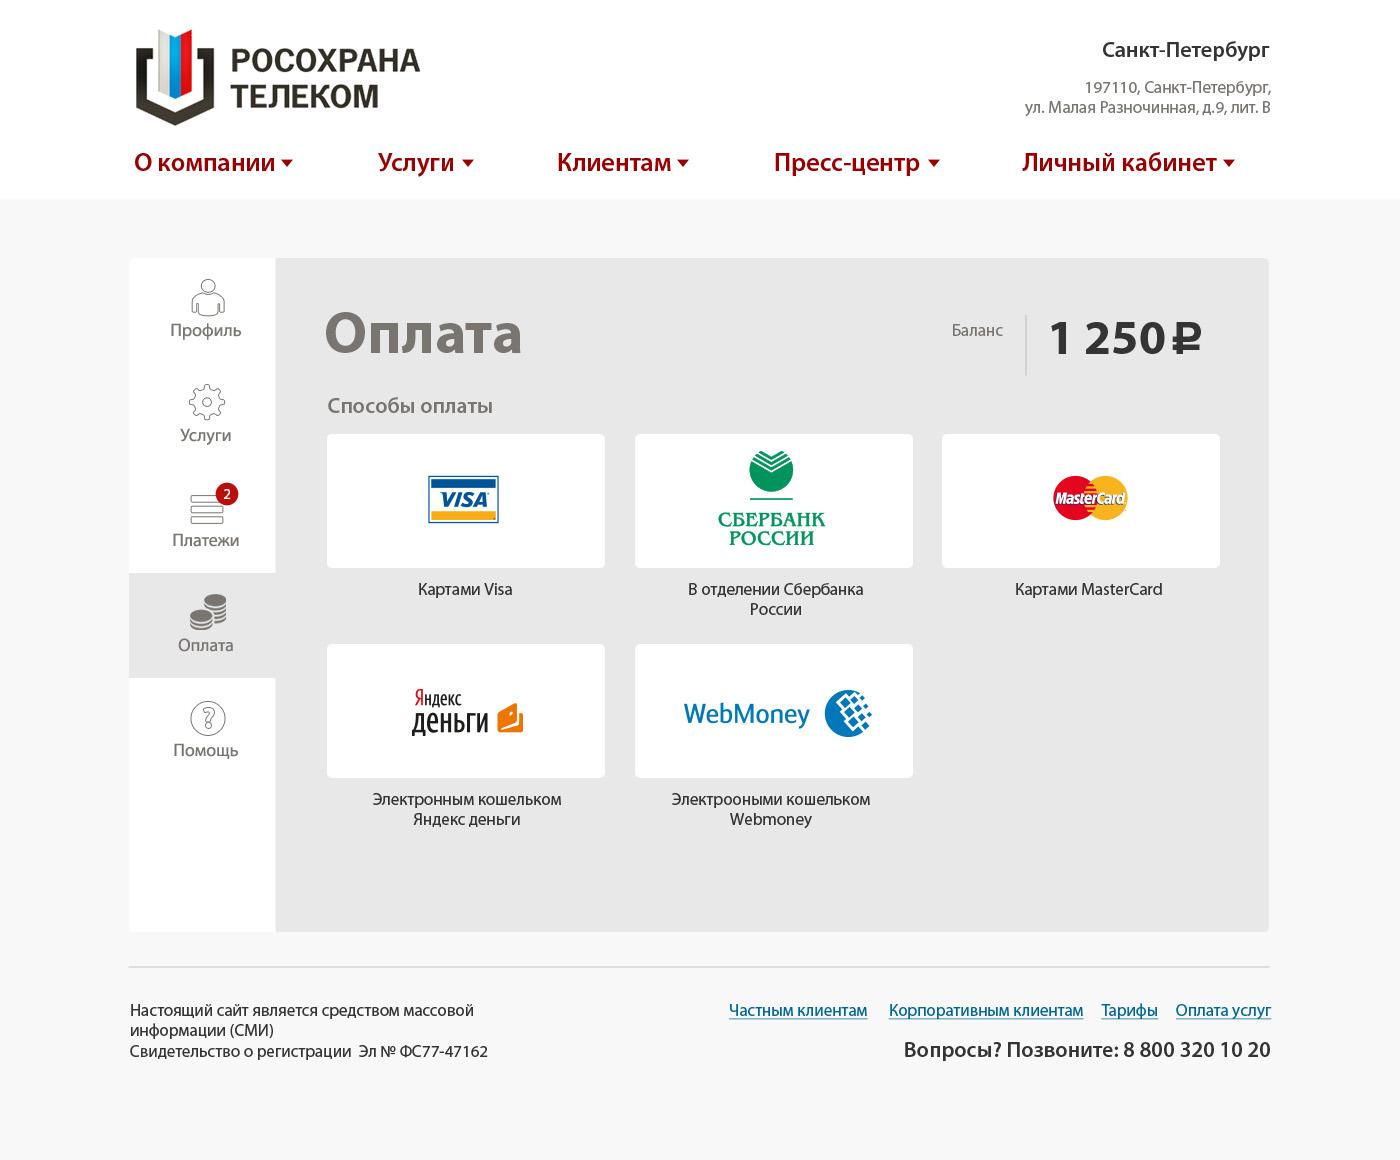 Разработка -WEB-версии личного кабинета клиента